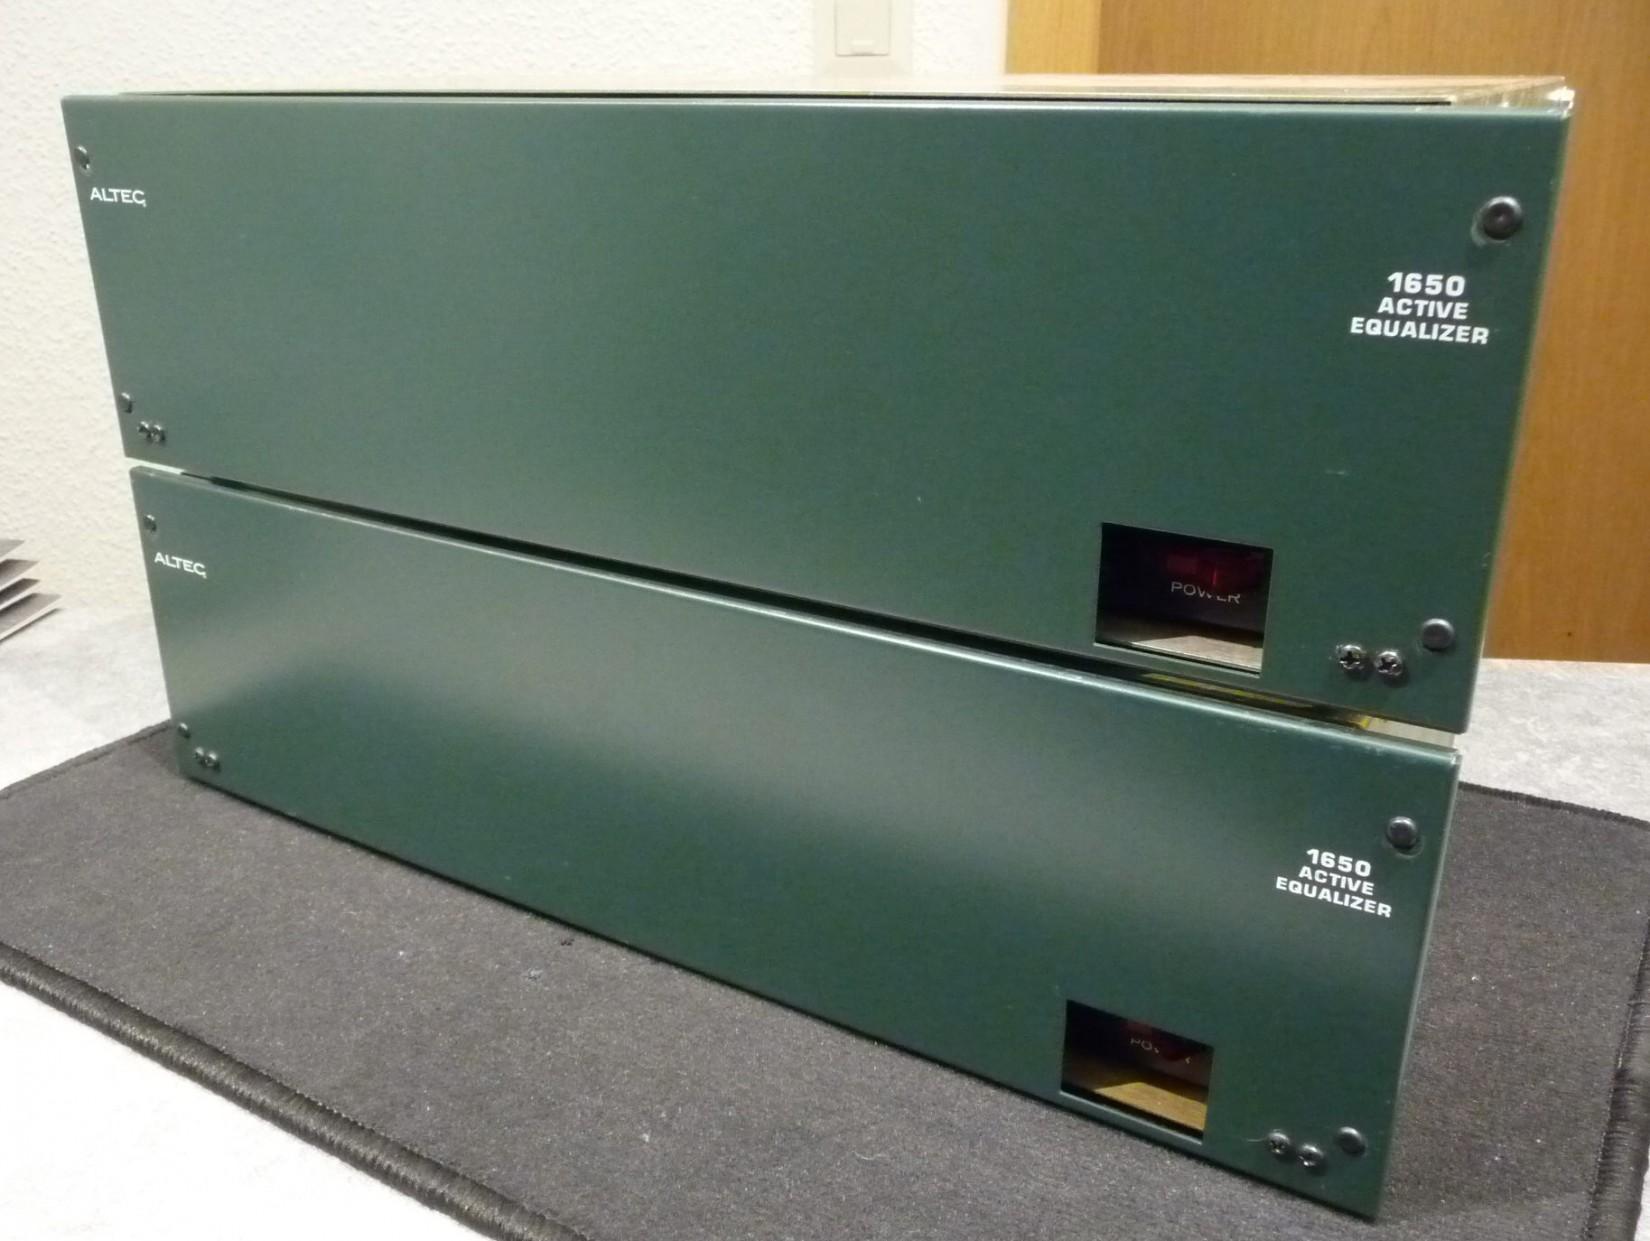 Altec-Equalizer-1650-1